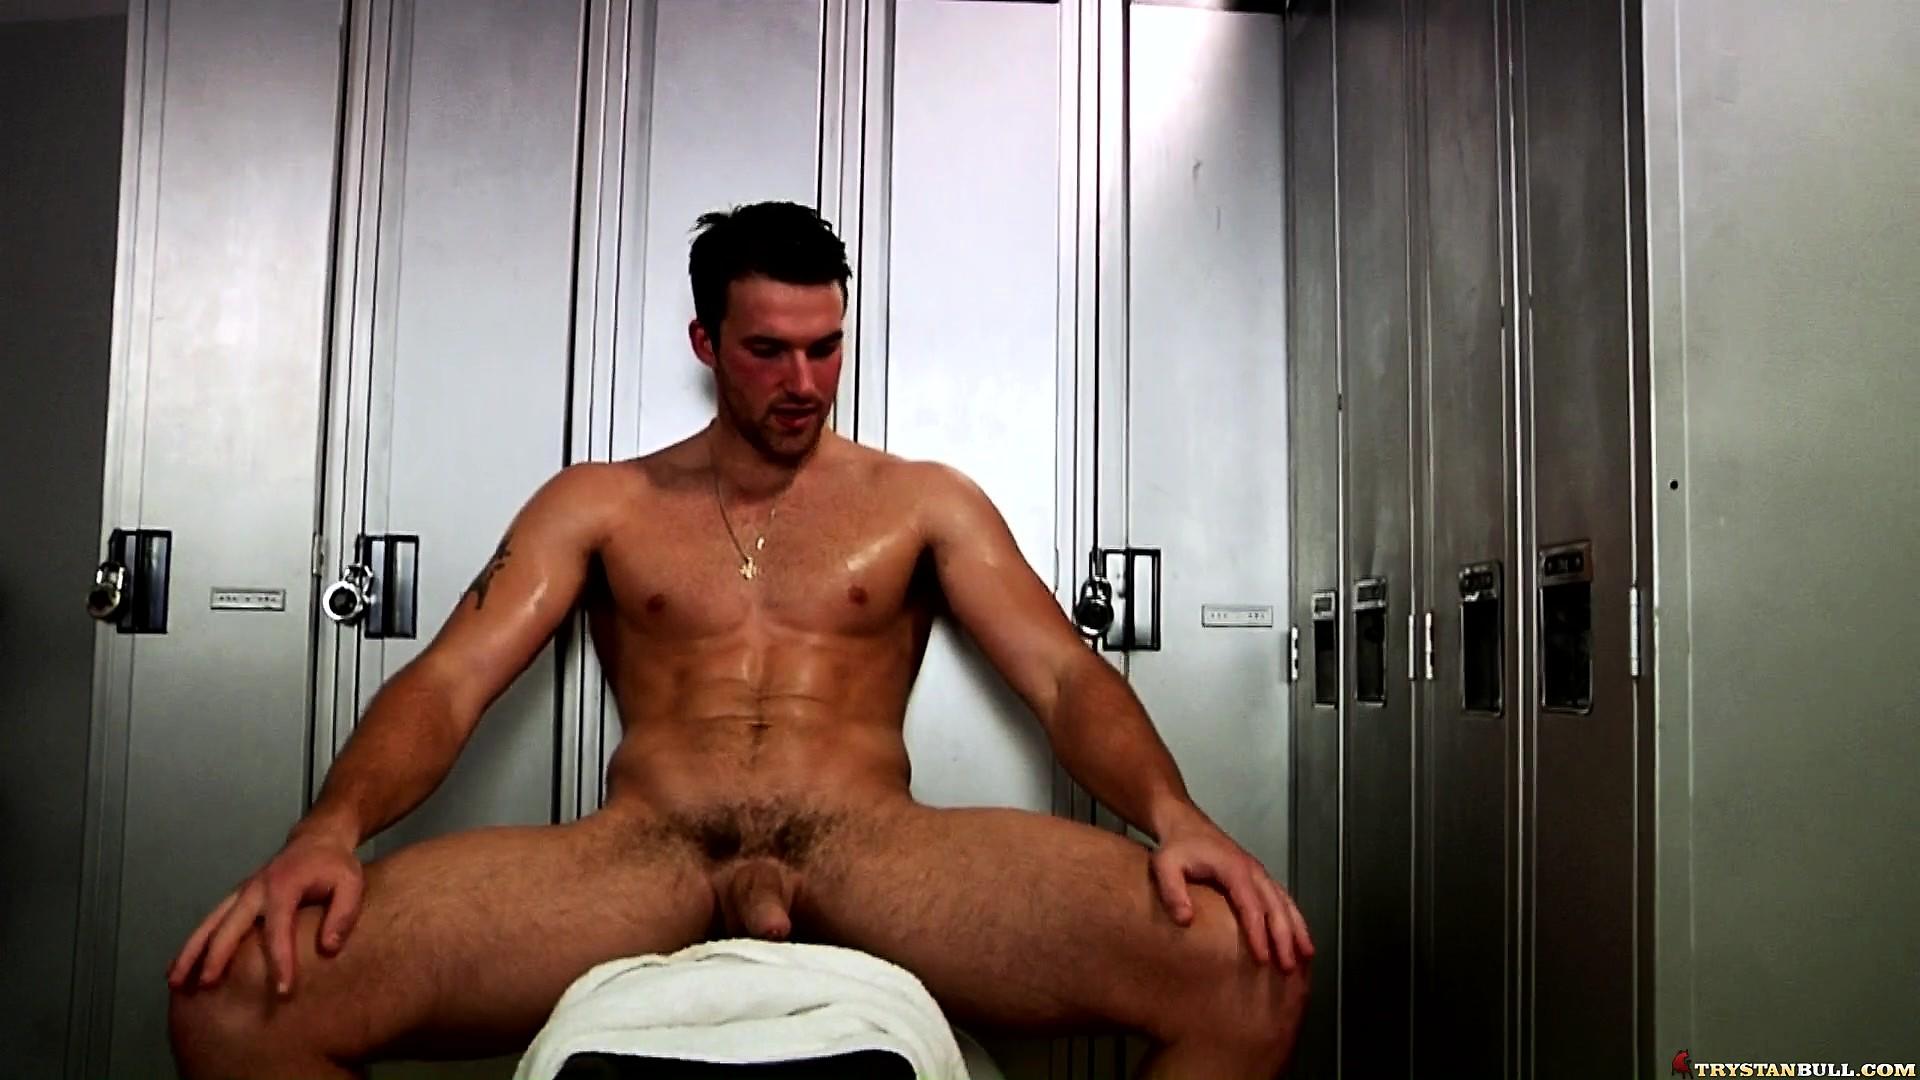 Guy orgasm hot Hot guy